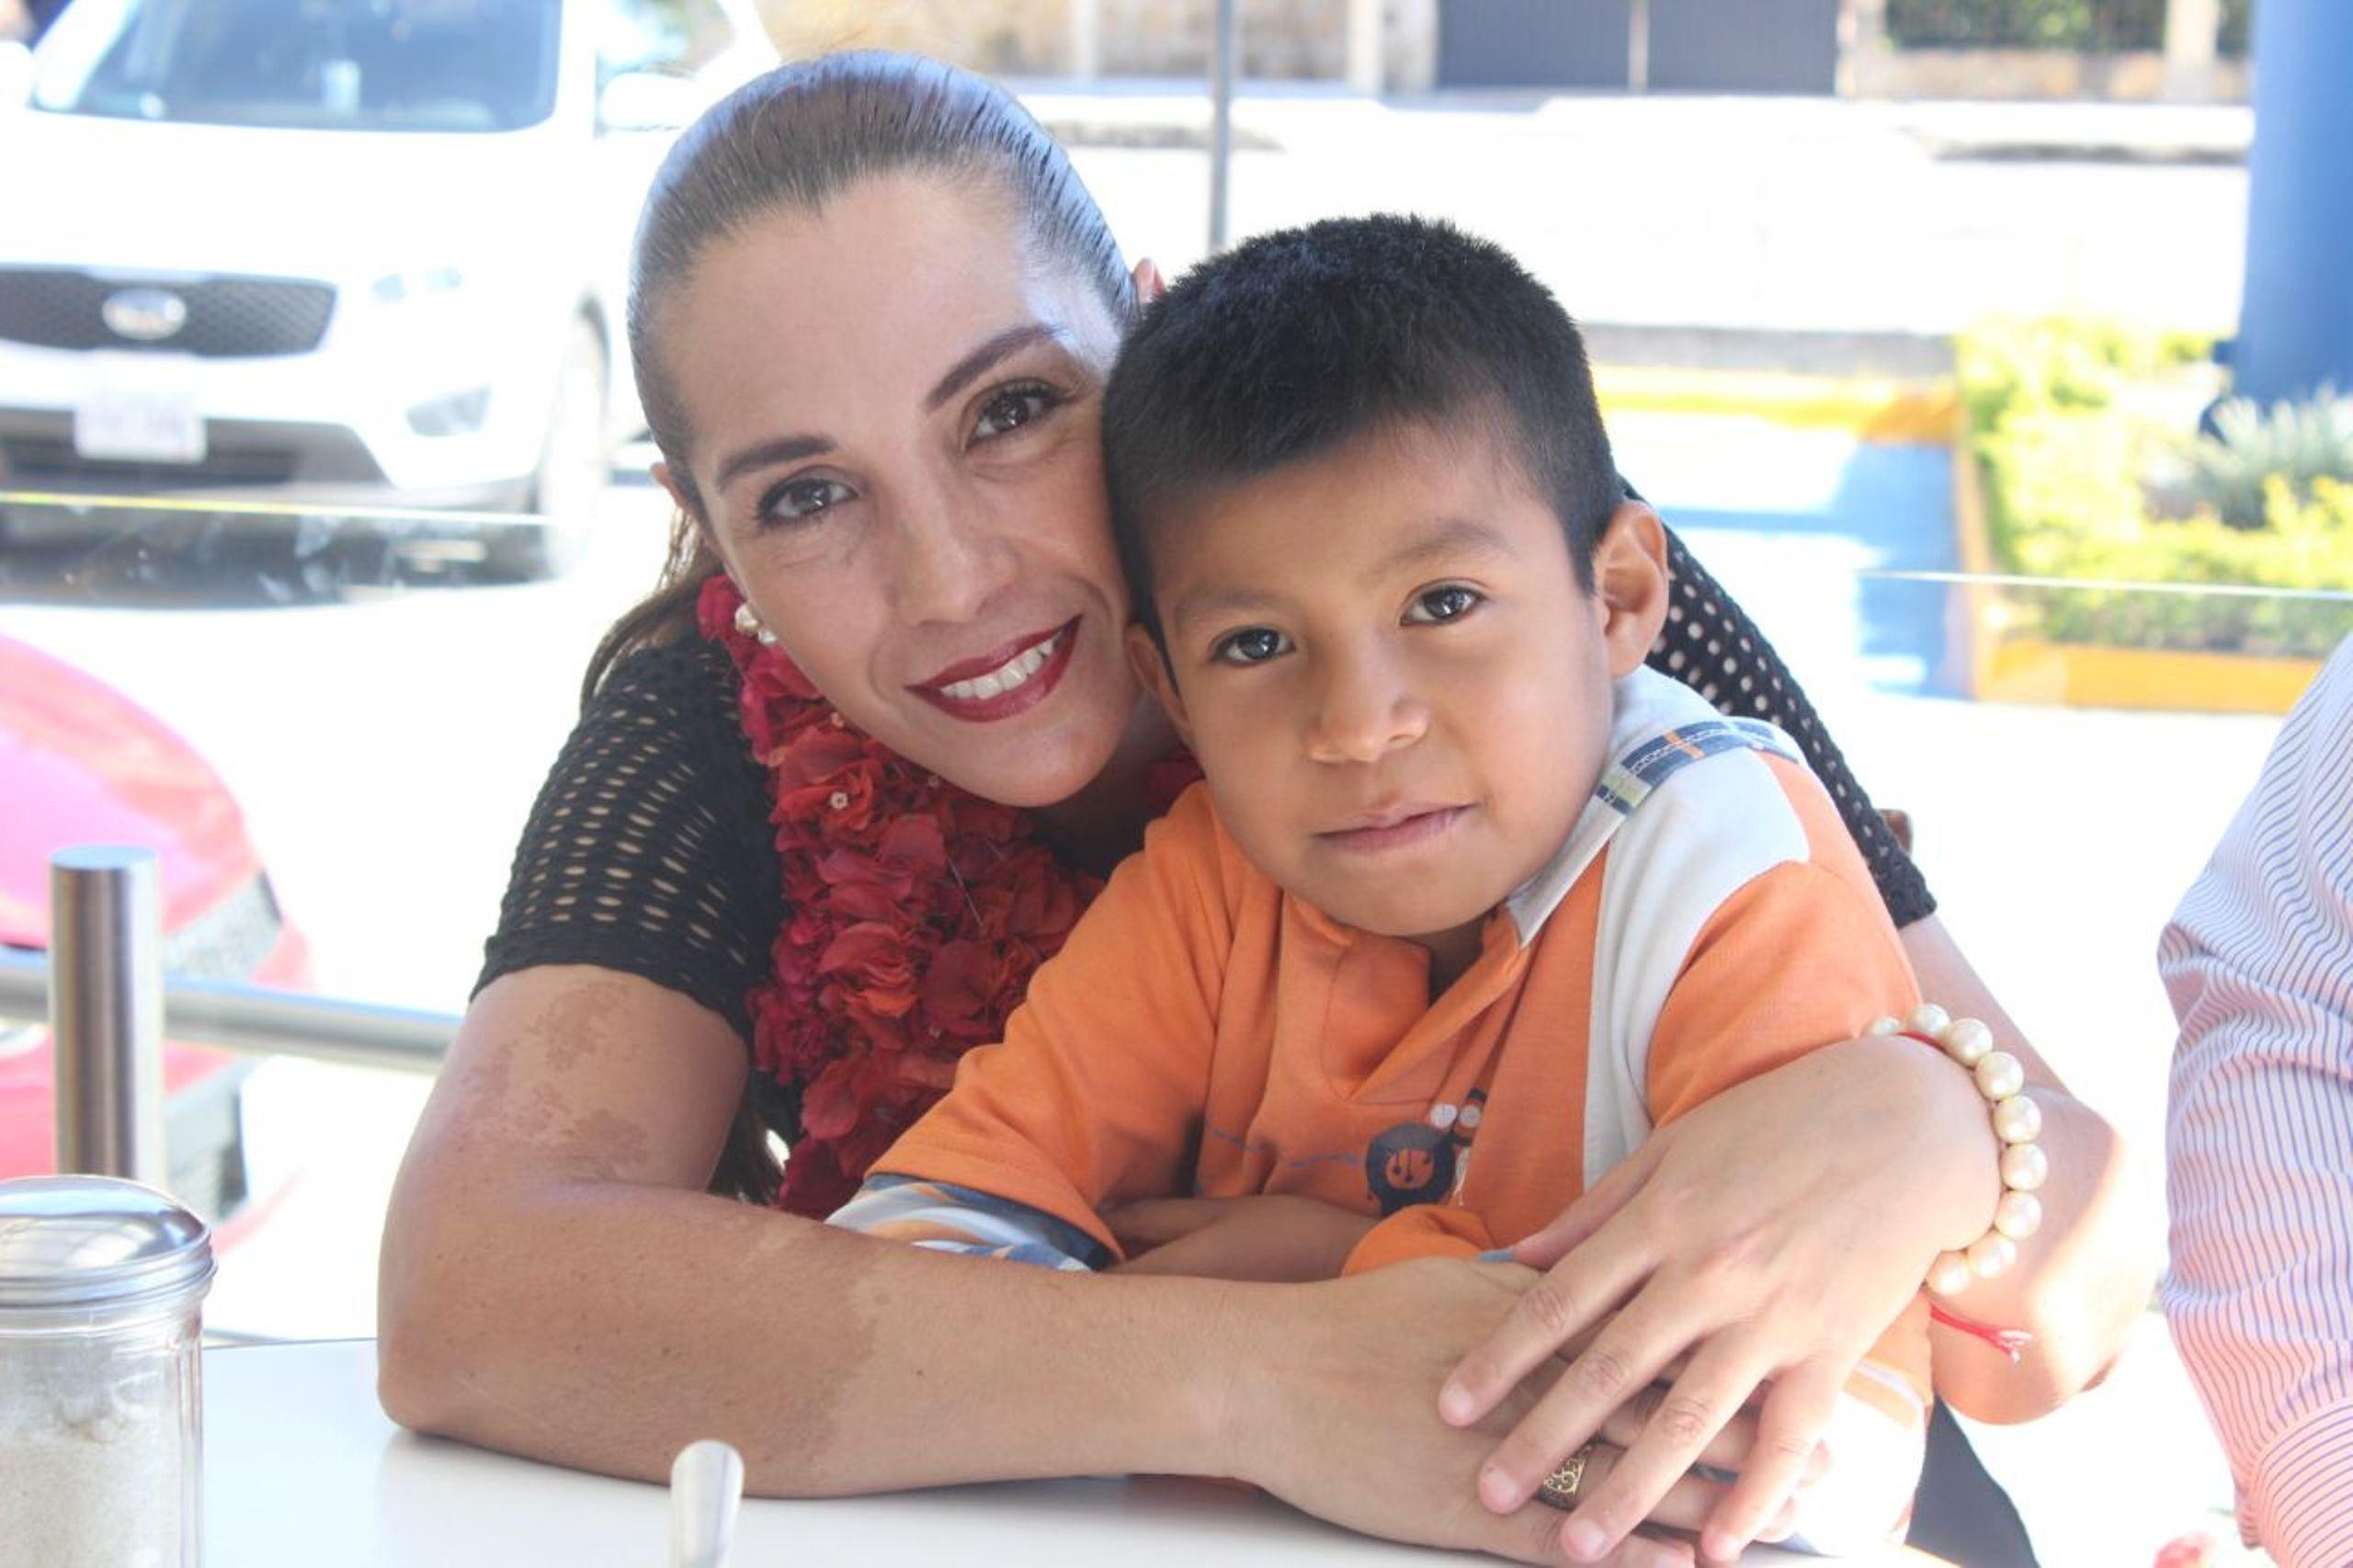 Convoca Cinthya Lobato a obsequiar una sonrisa a infantes de la huasteca veracruzana